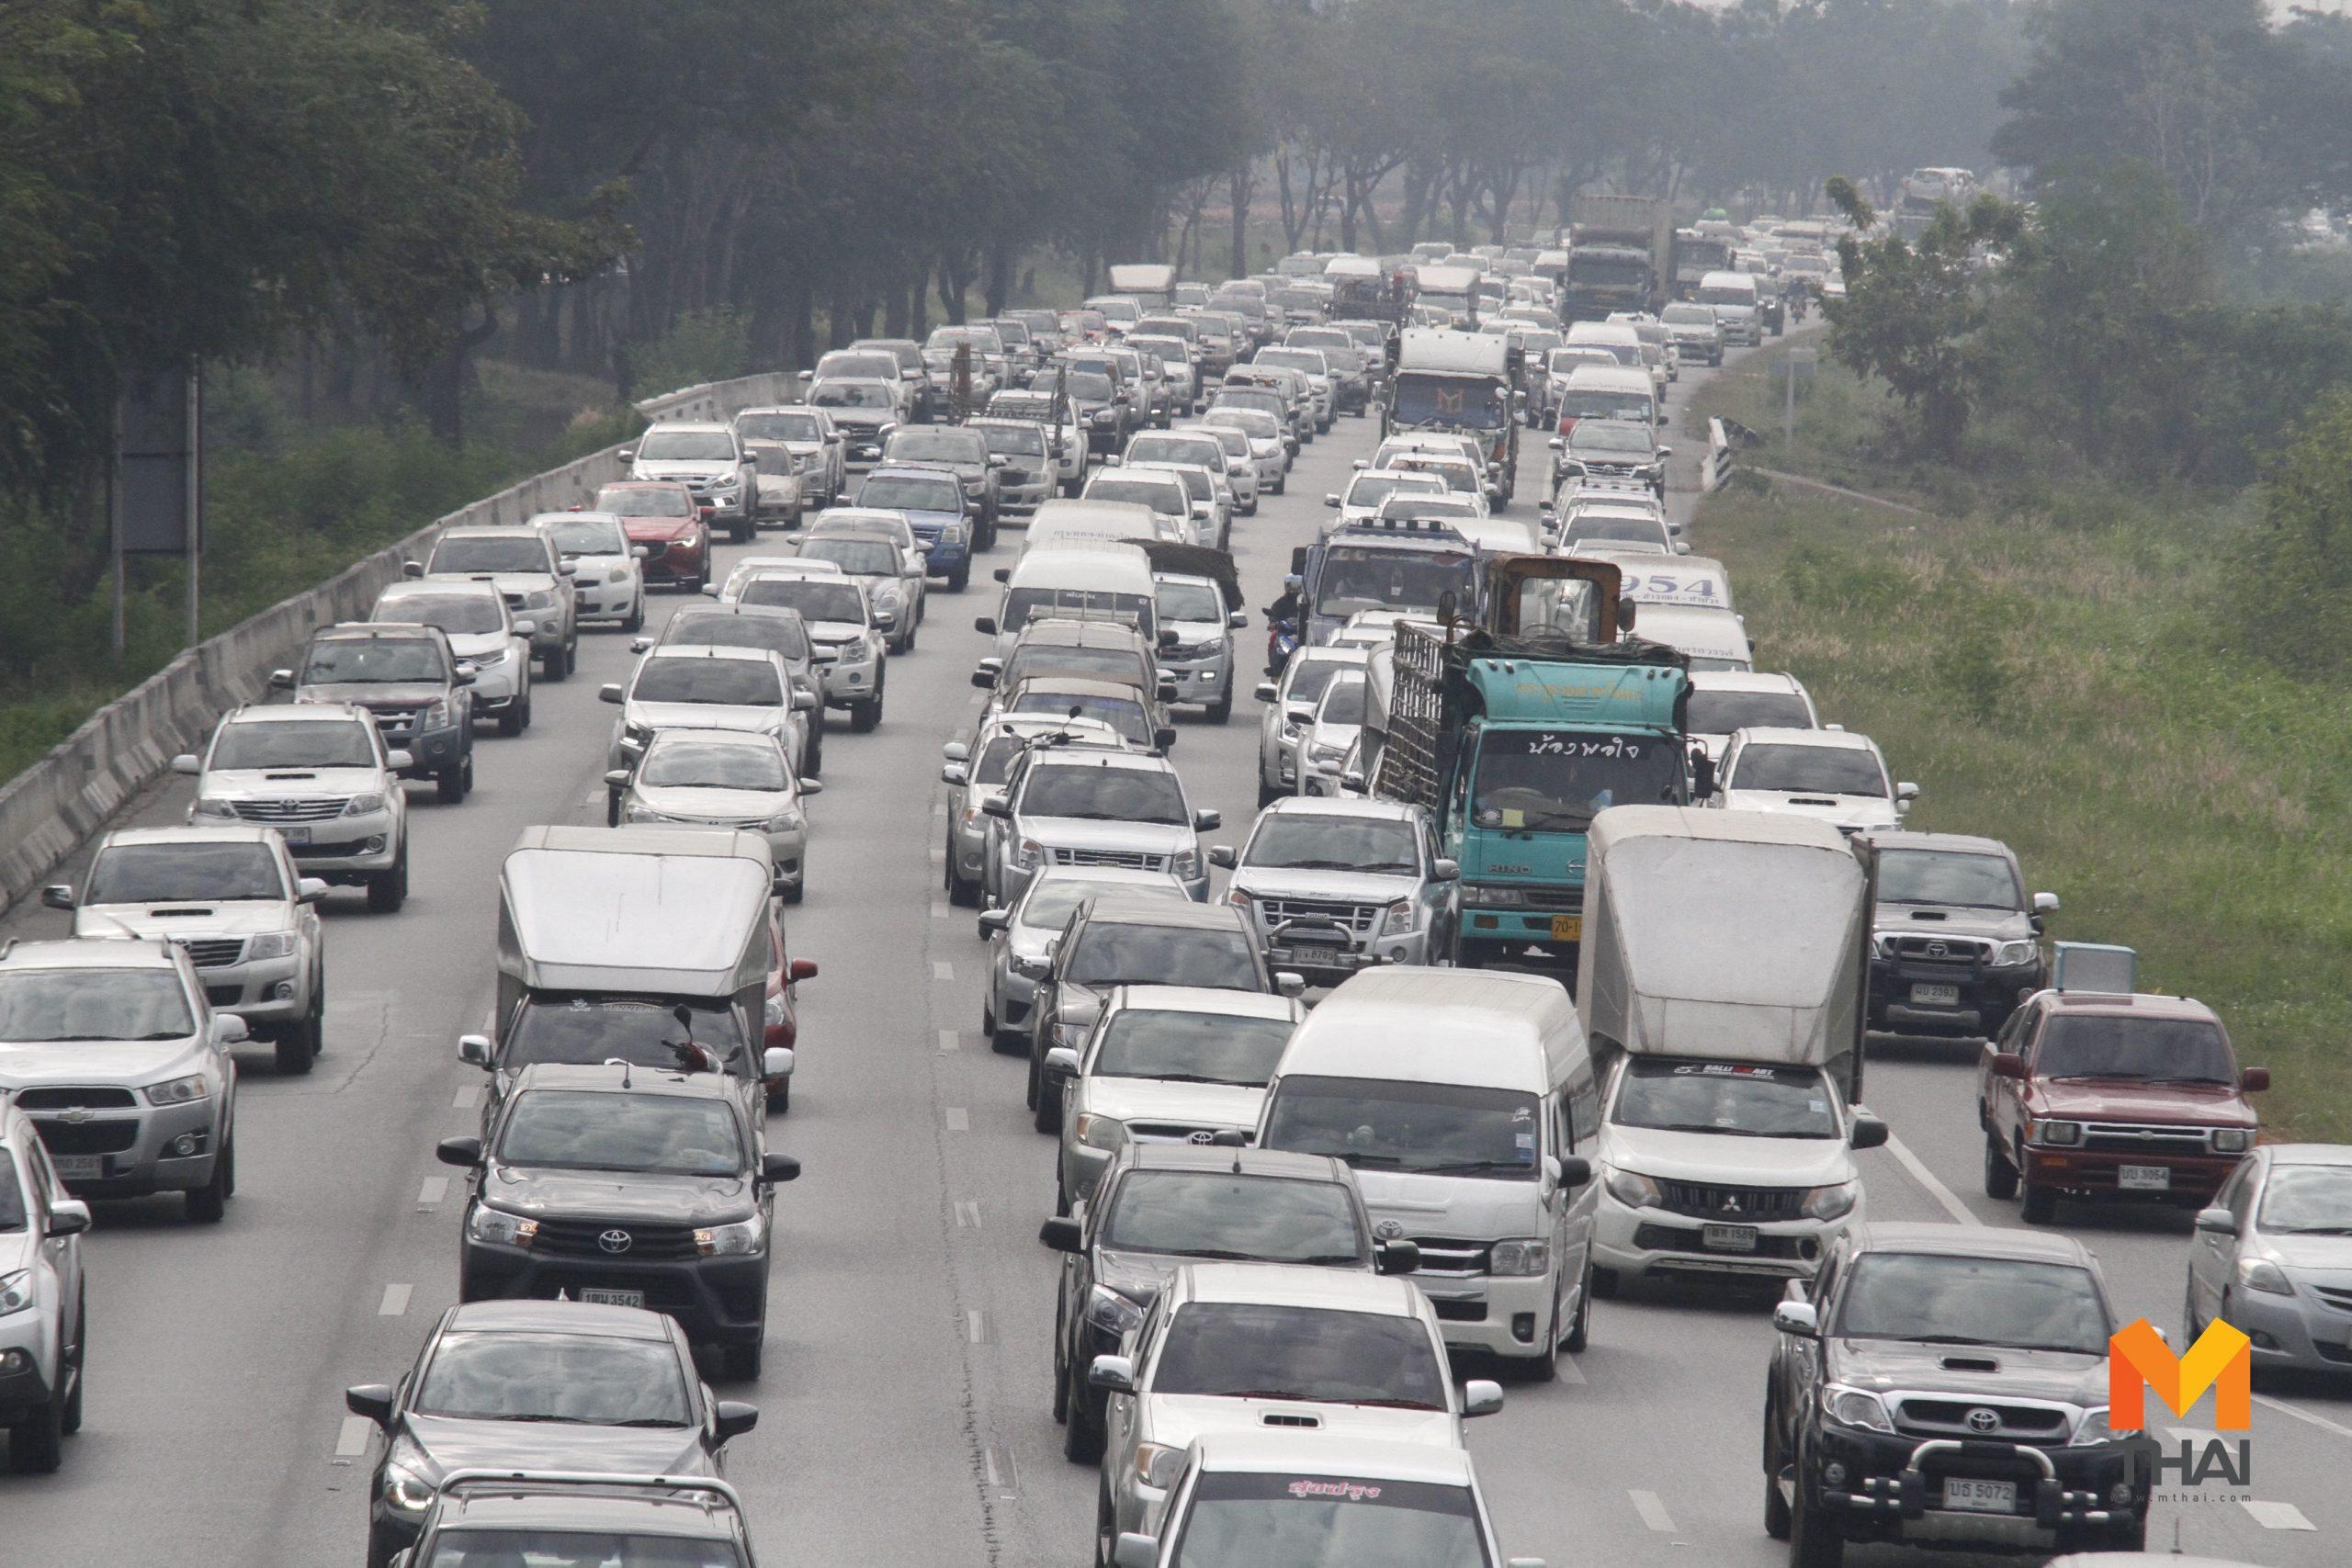 กระทรวงพาณิชย์ ข่าวสดวันนี้ รถมือสอง รถยนต์นำเข้า